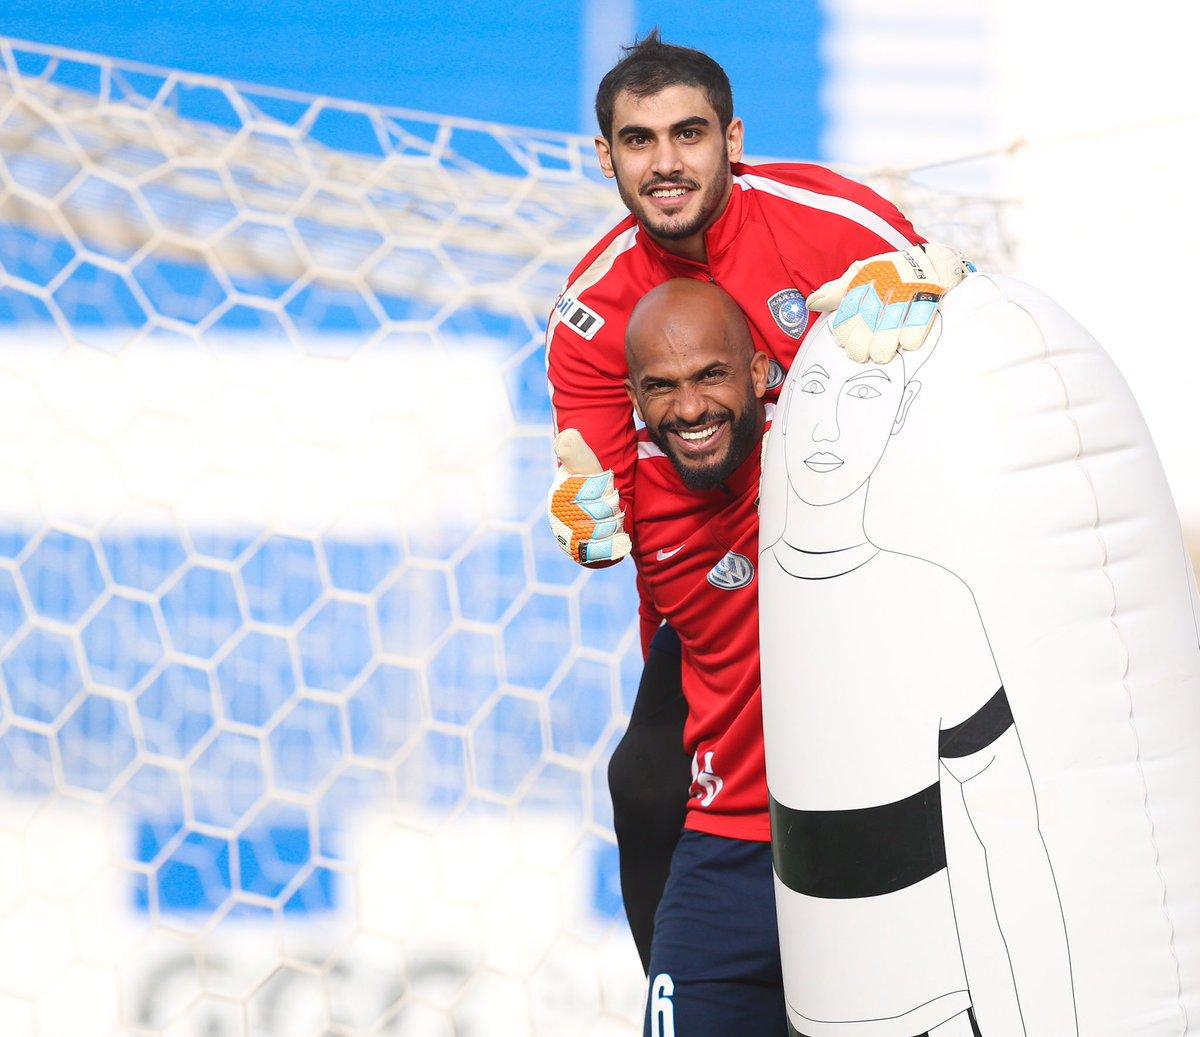 أخبار فريق #الهلال الأول لكرة القدم ليوم...